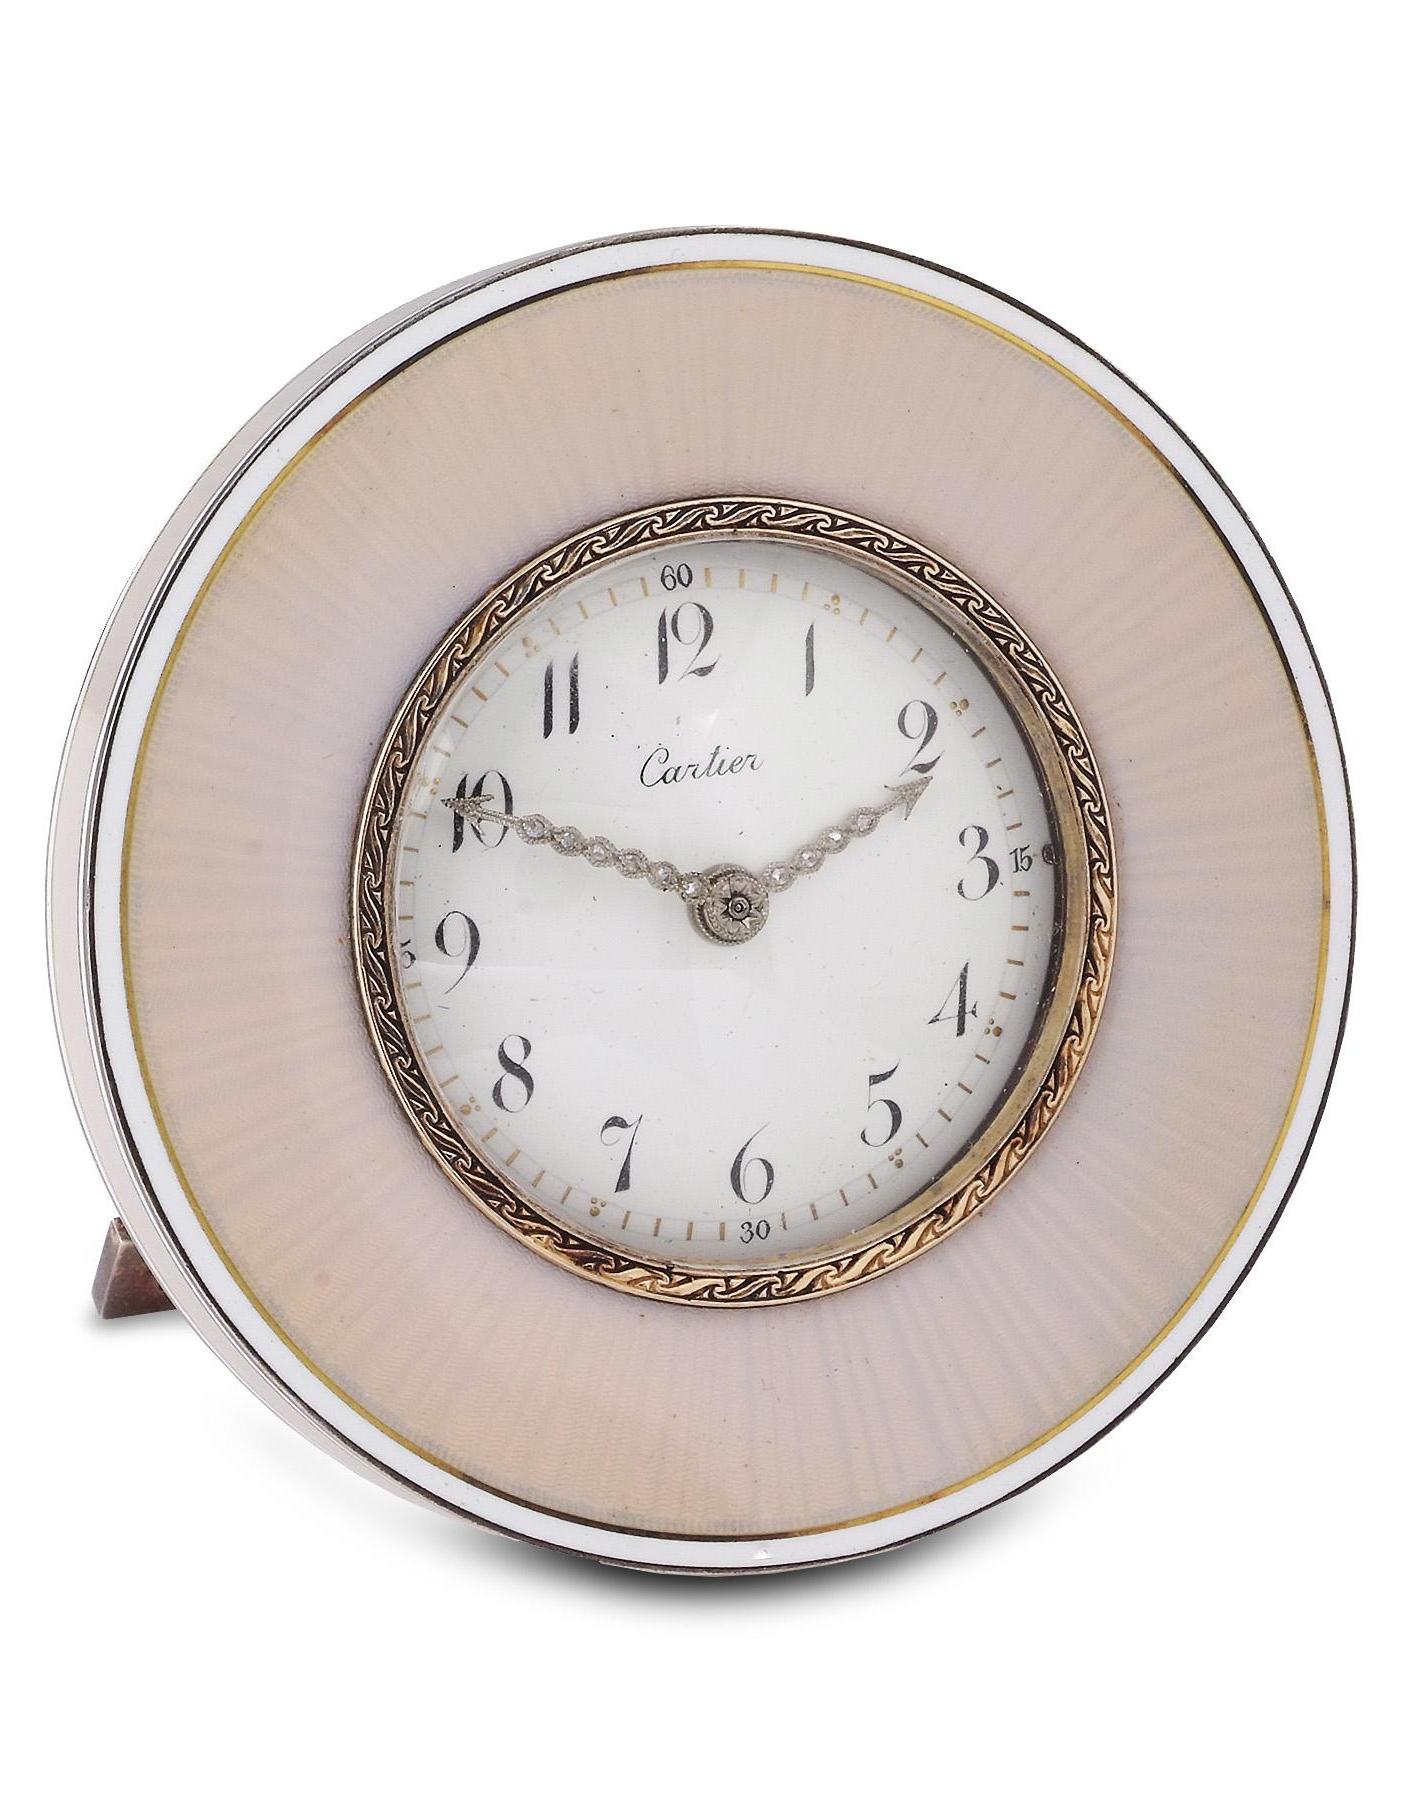 Cartier An Enamel Circular Desk Clock Circa 1910 Clocks In 2019